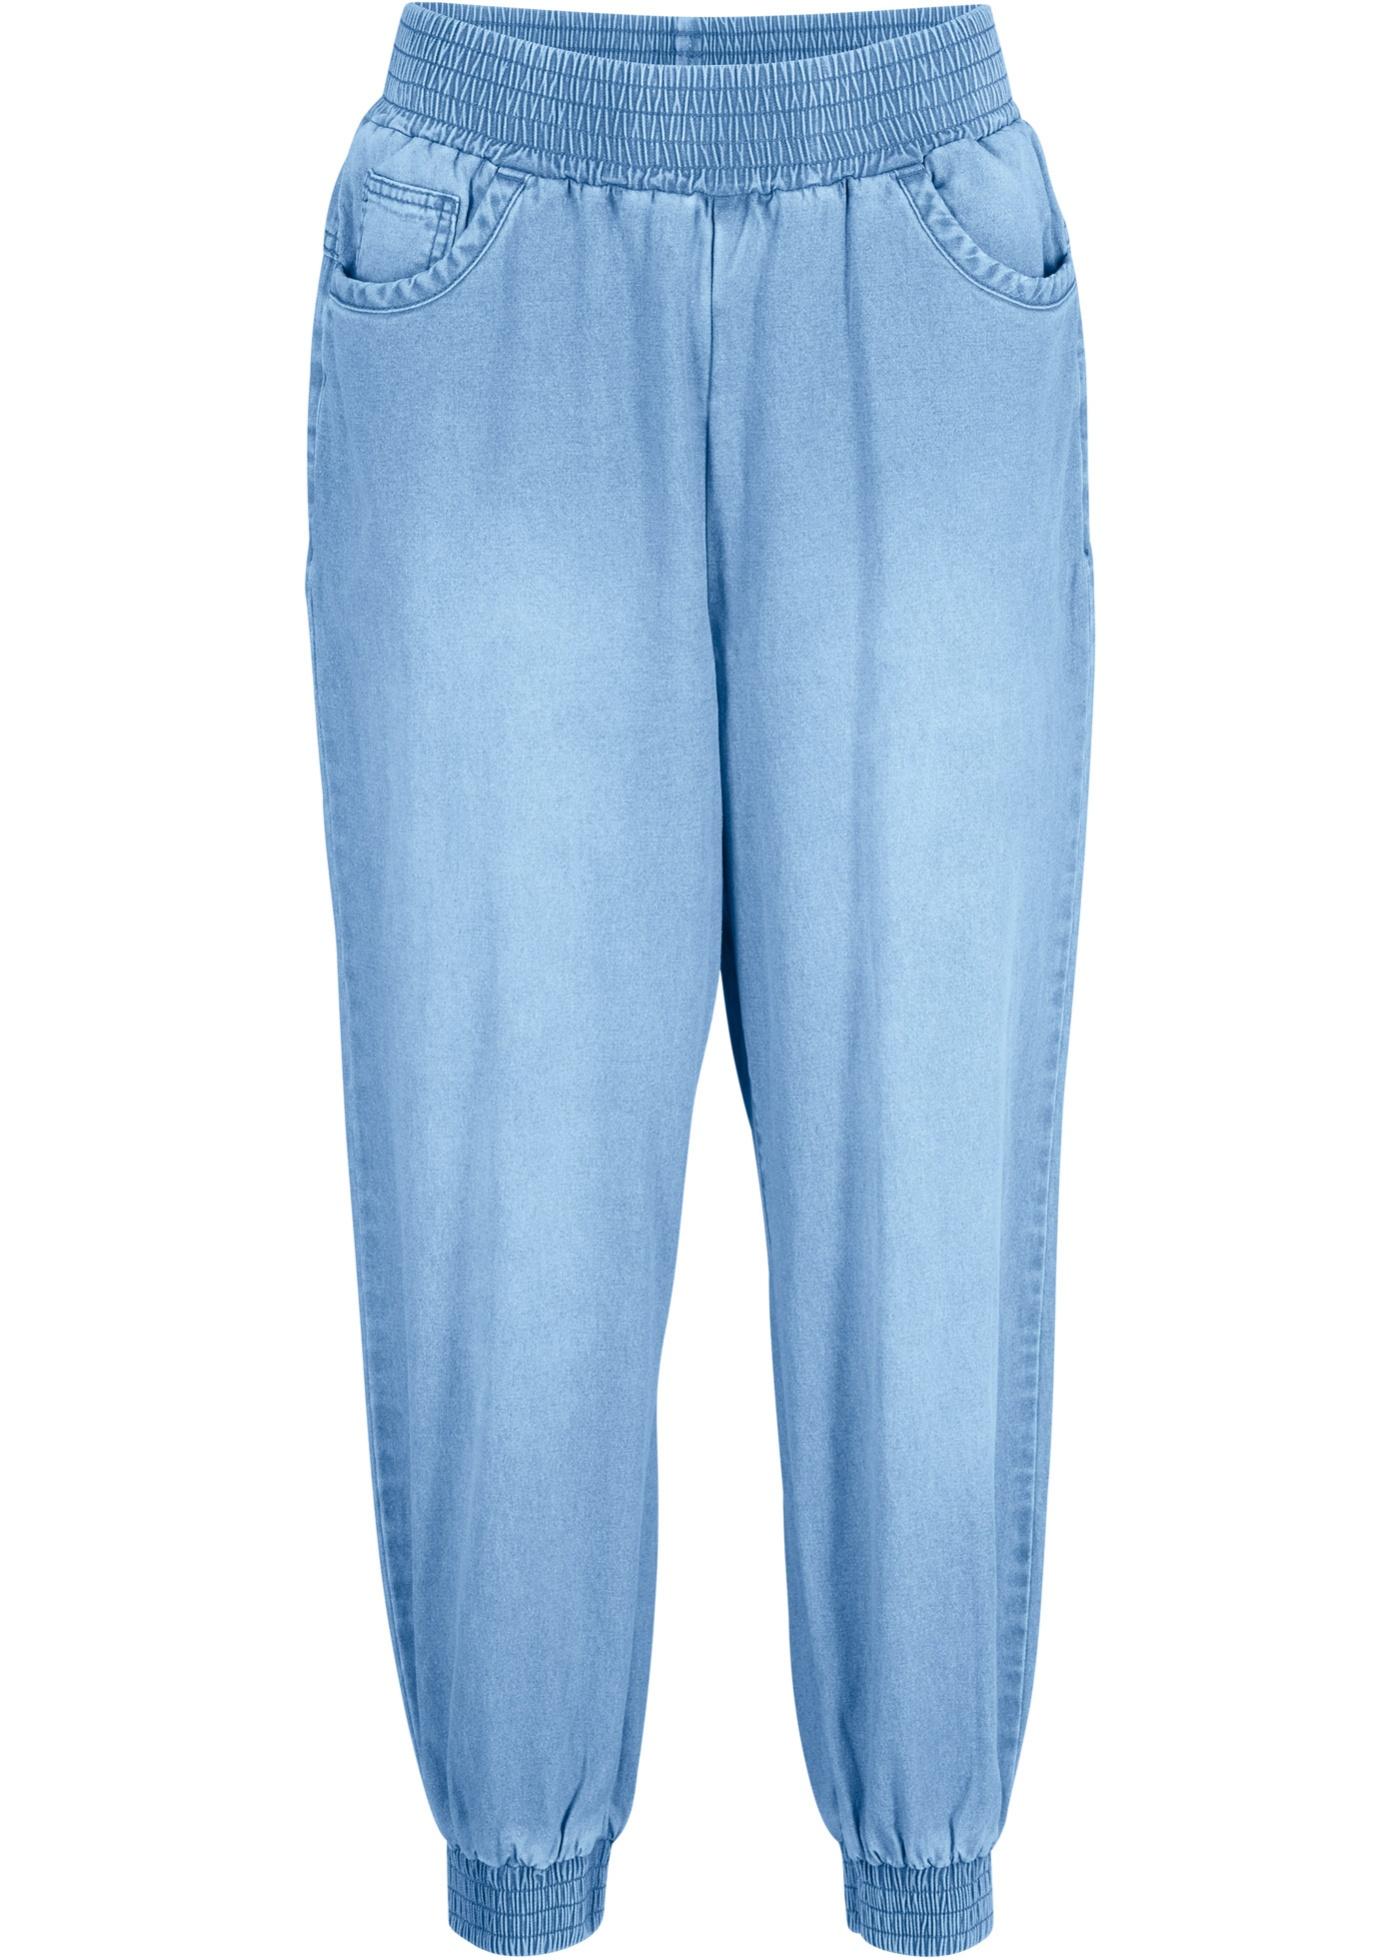 Bilde av 7/8 Jeans Med Behagelig Linning, Loose Fit